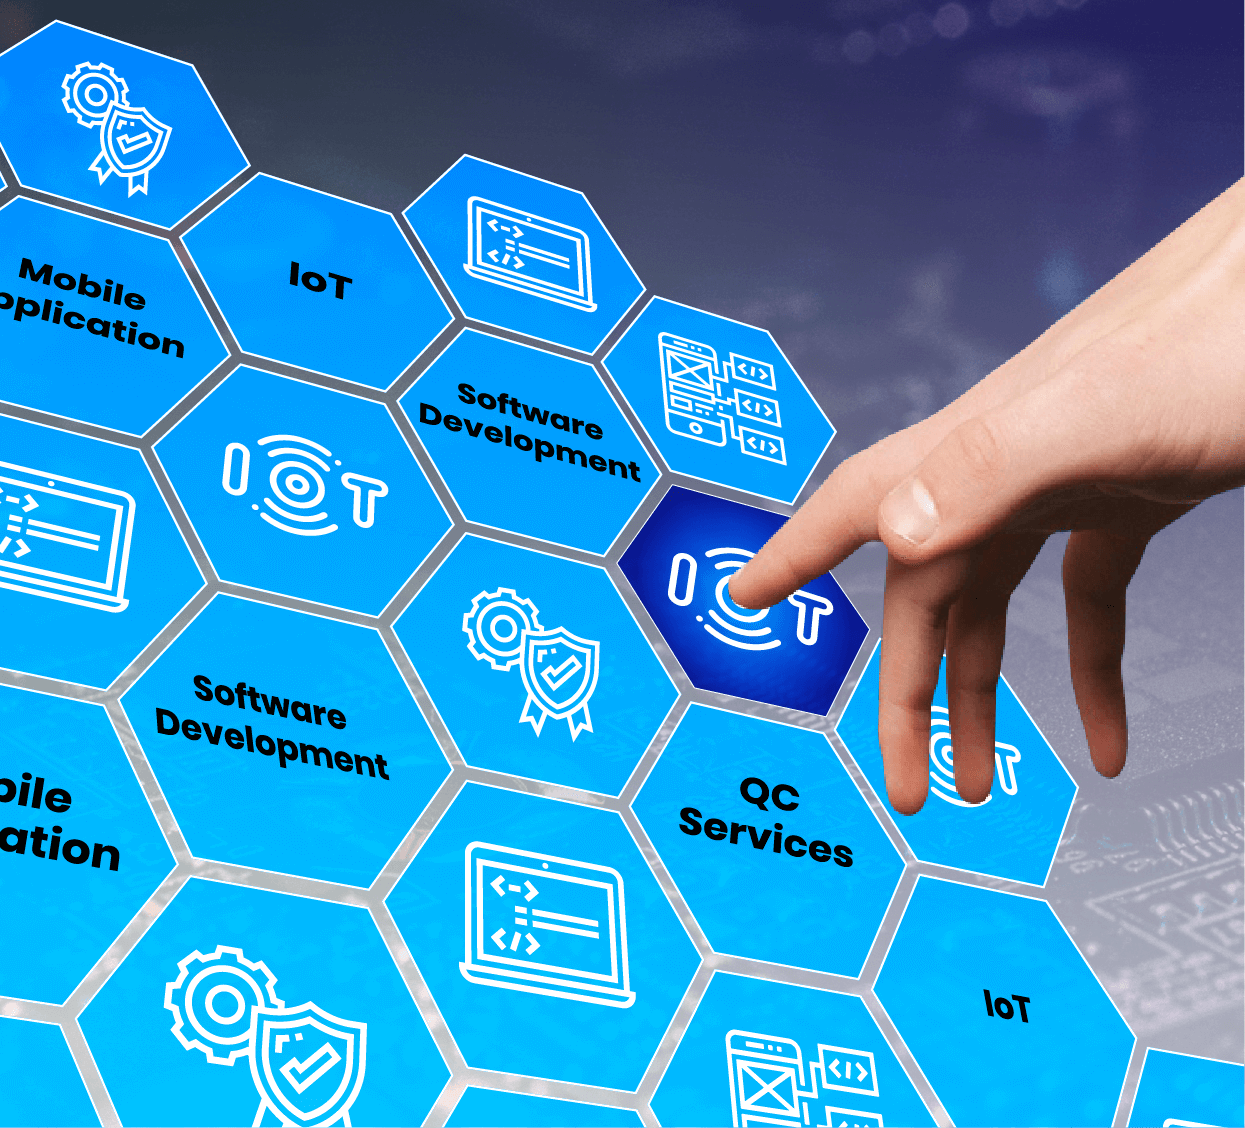 quicsolv services portfolio